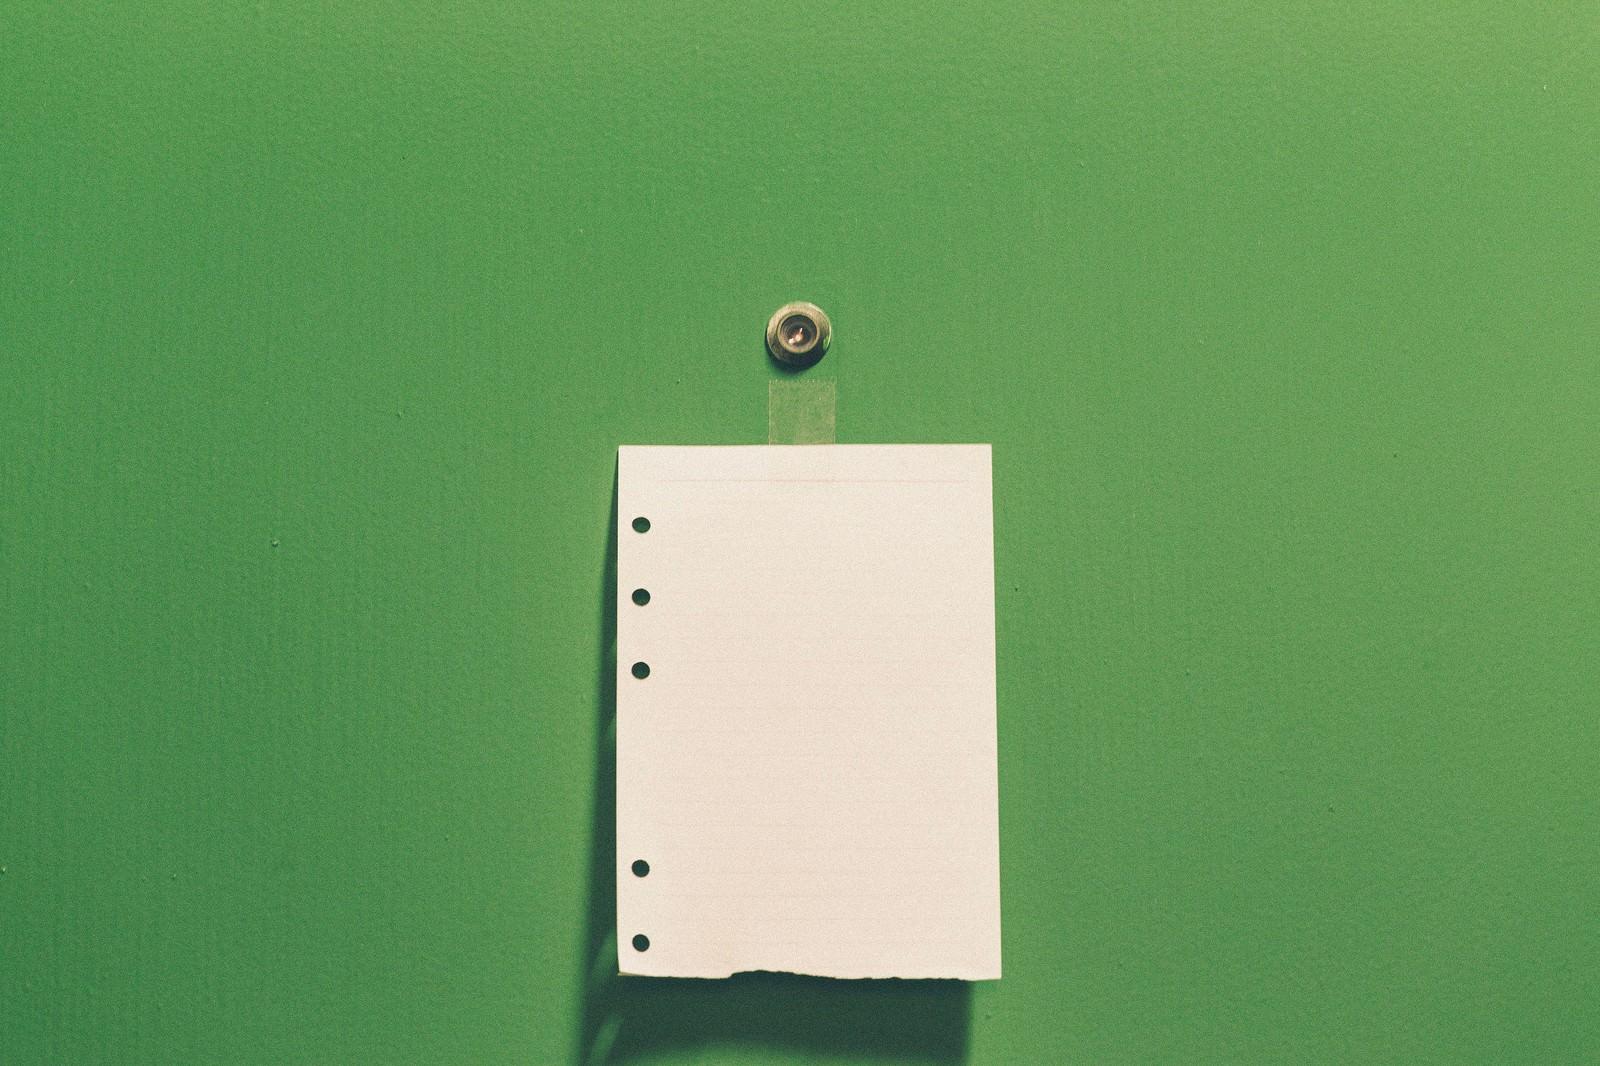 「ドアの覗き穴とメモ(勧誘お断り)」の写真